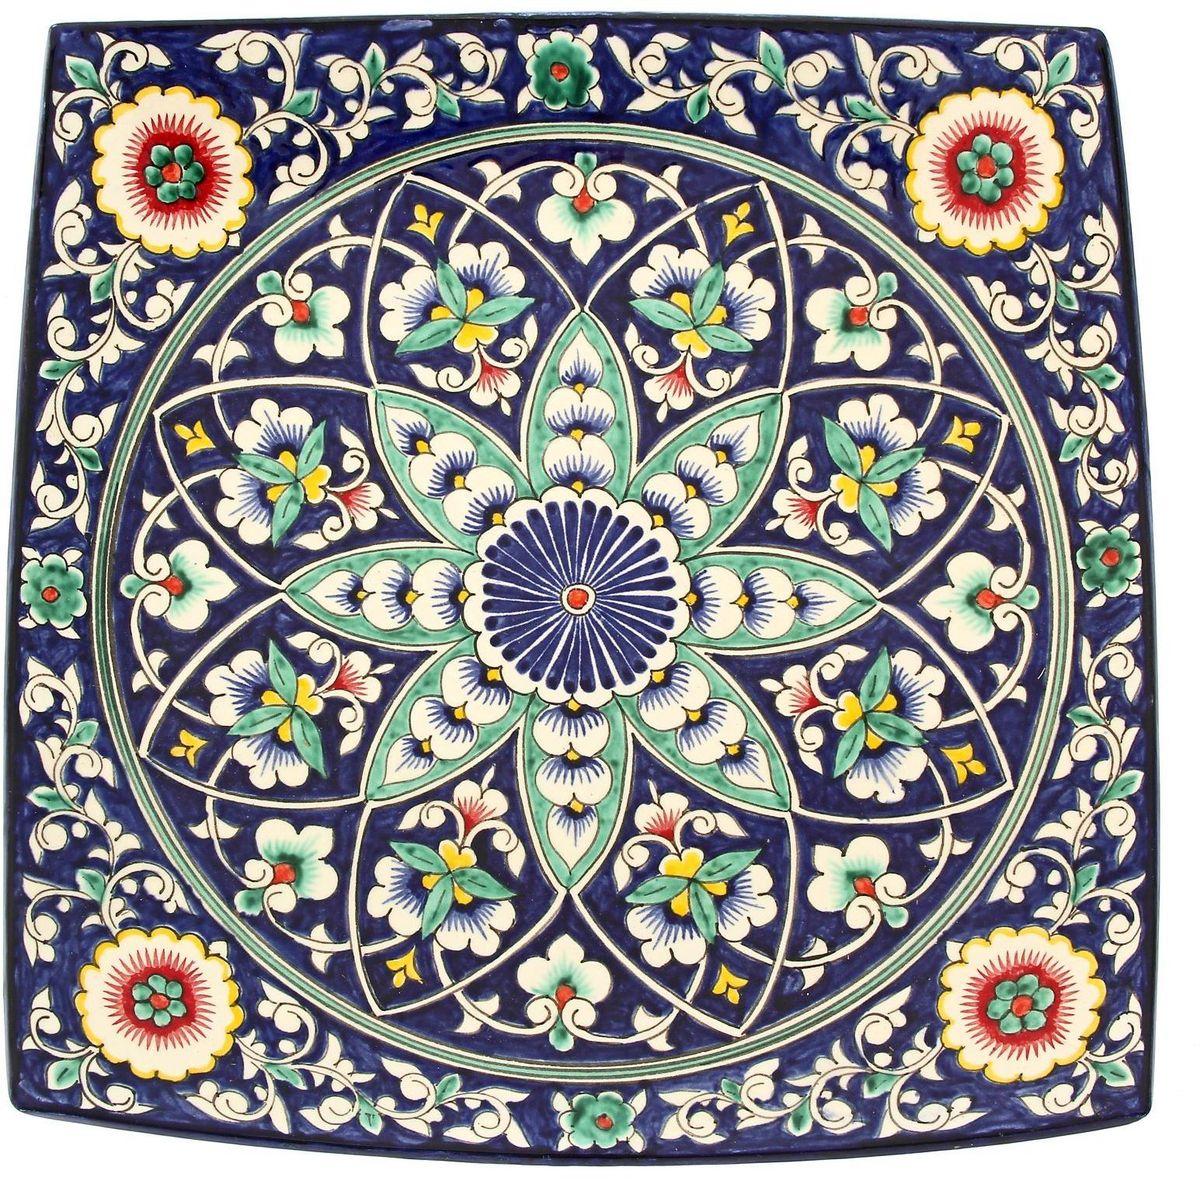 Ляган Риштанская керамика, диаметр 41 см. 19242501924250Ляган — это не просто обеденный атрибут, это украшение стола. Посуда с национальной росписью станет отменным подарком для ценителей высокородной посуды.Риштан — город на востоке Узбекистана, один из древнейших в Ферганской долине. С давних времён Риштан славится своим гончарным искусством изготовления цветной керамики. Красноватую глину для изделия добывают в самом городе. Мастера утверждают, что их глина настолько высокого качества, что даже не нуждается в предварительной обработке. Дополните коллекцию кухонных аксессуаров пряными восточными нотами.